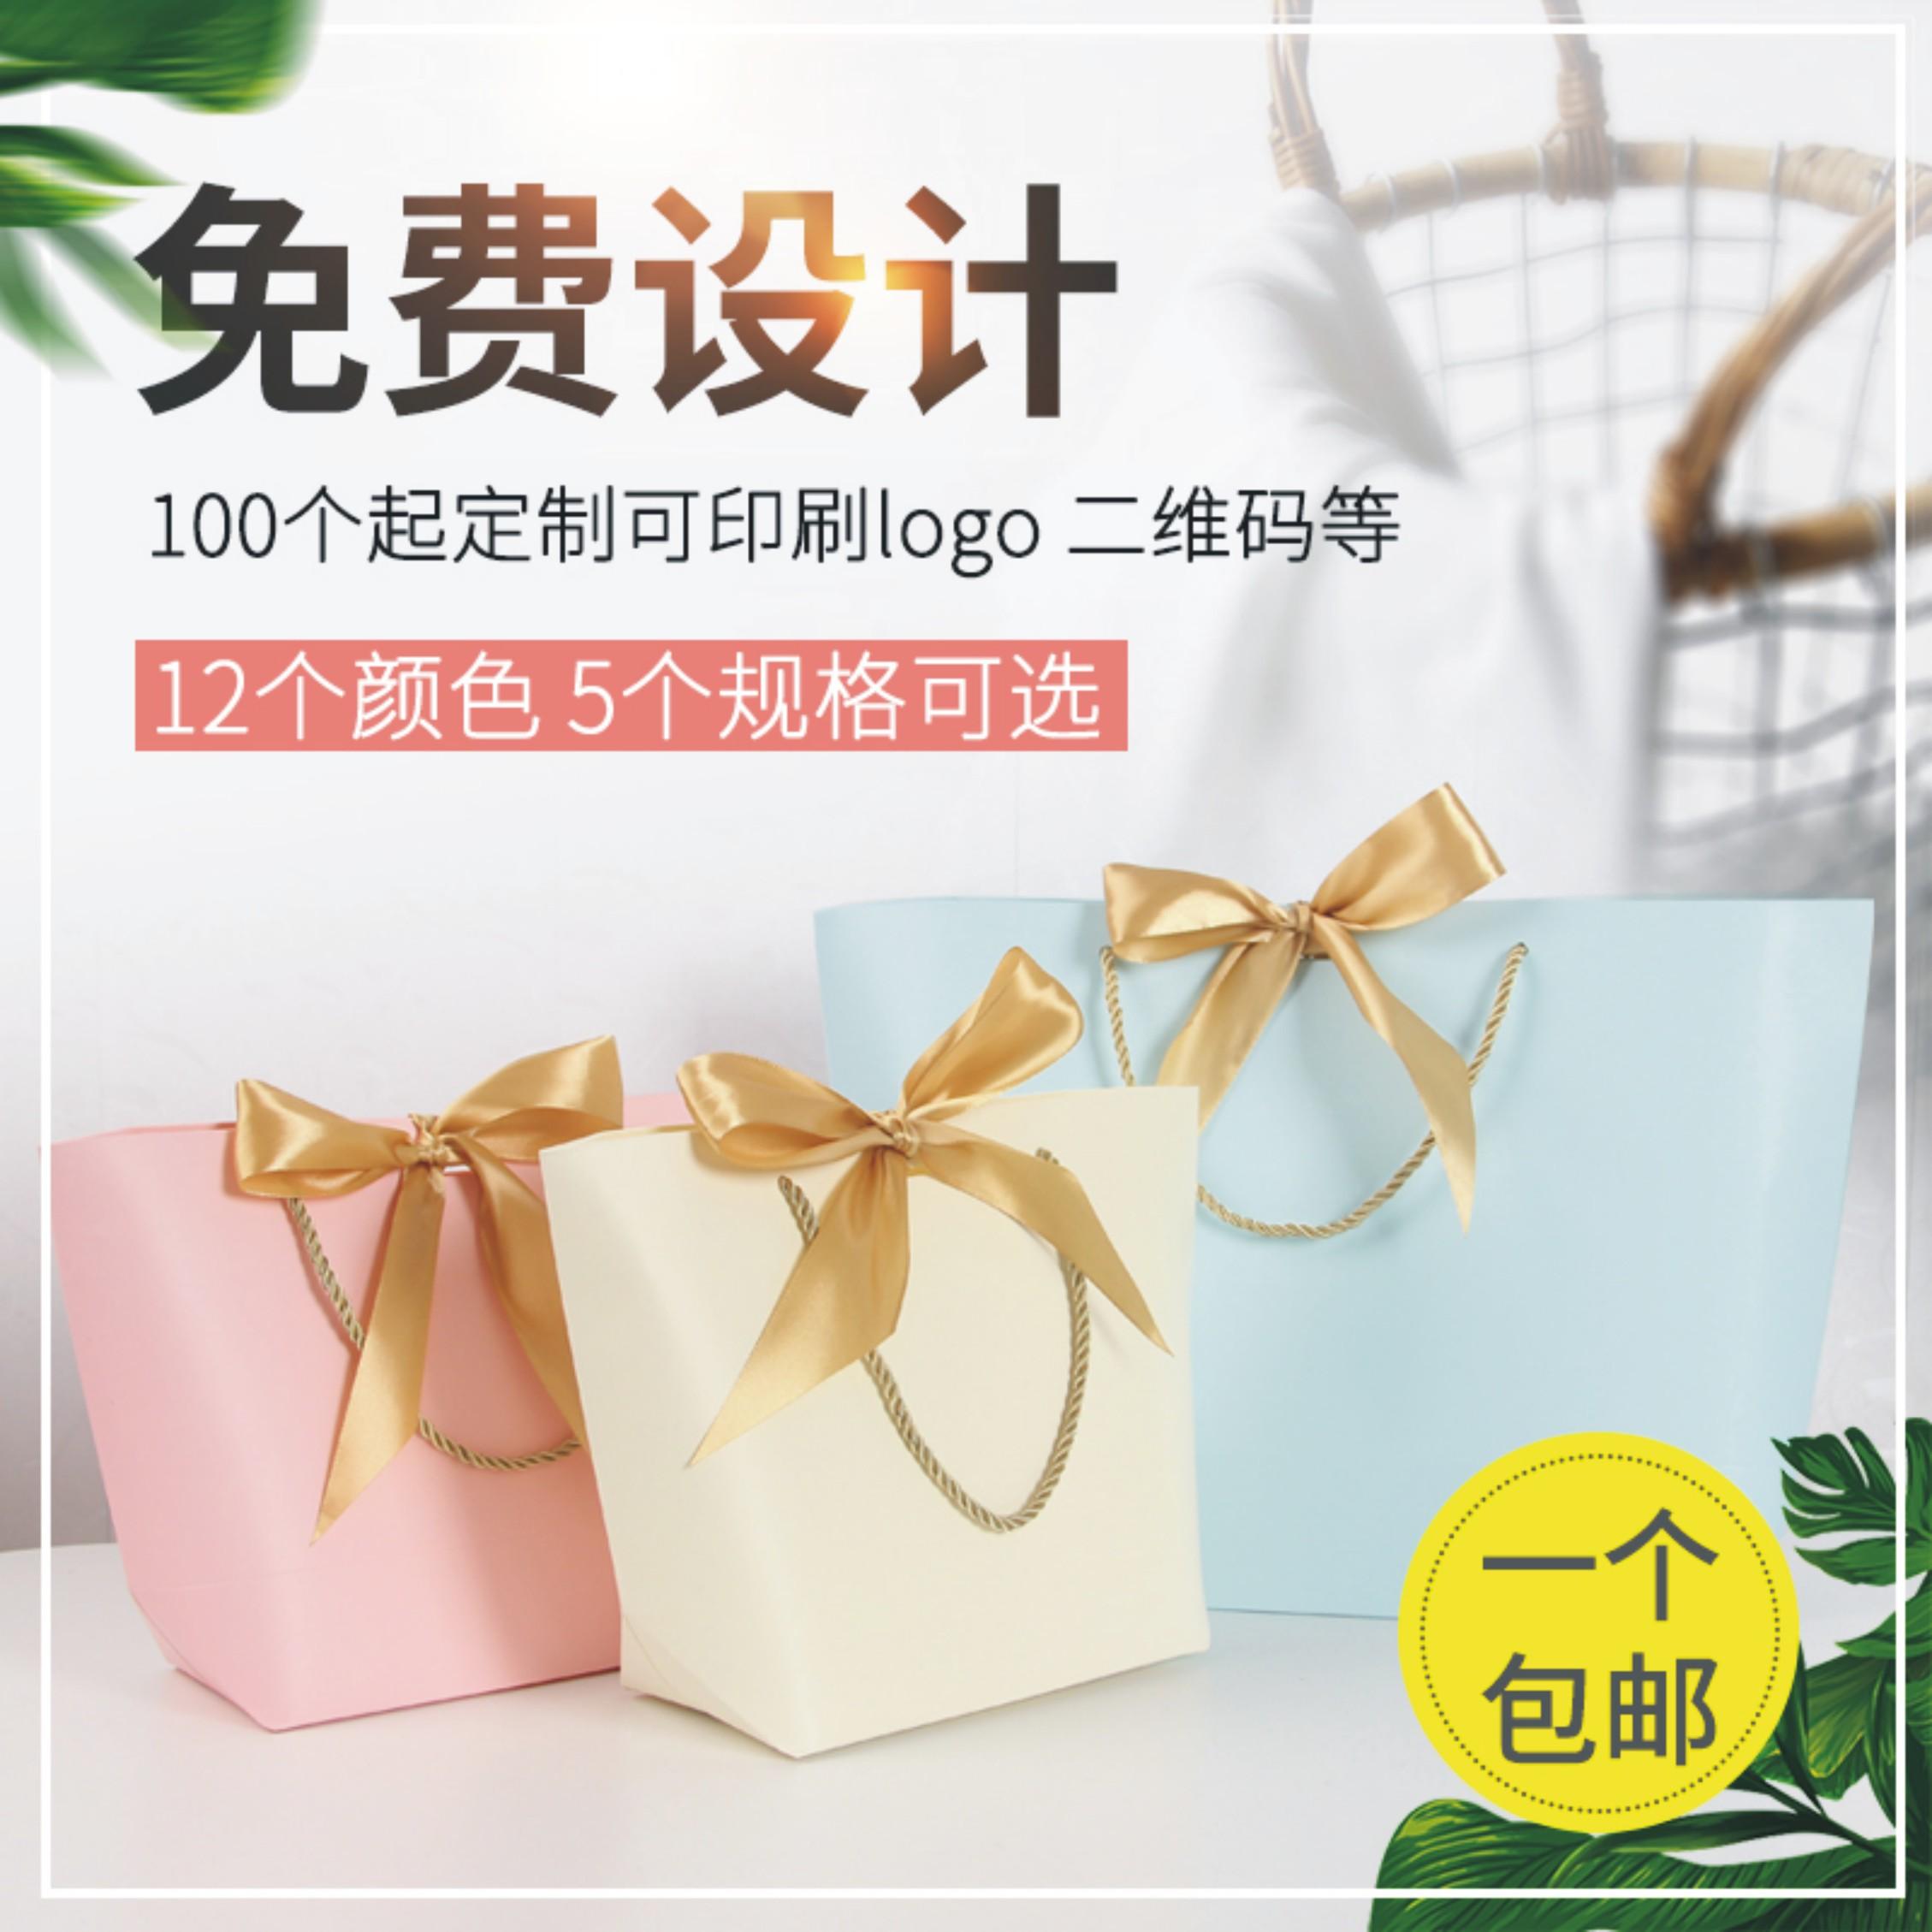 手提袋定制纸袋定做礼品袋服装购物袋化妆品袋子首饰袋印刷包装袋